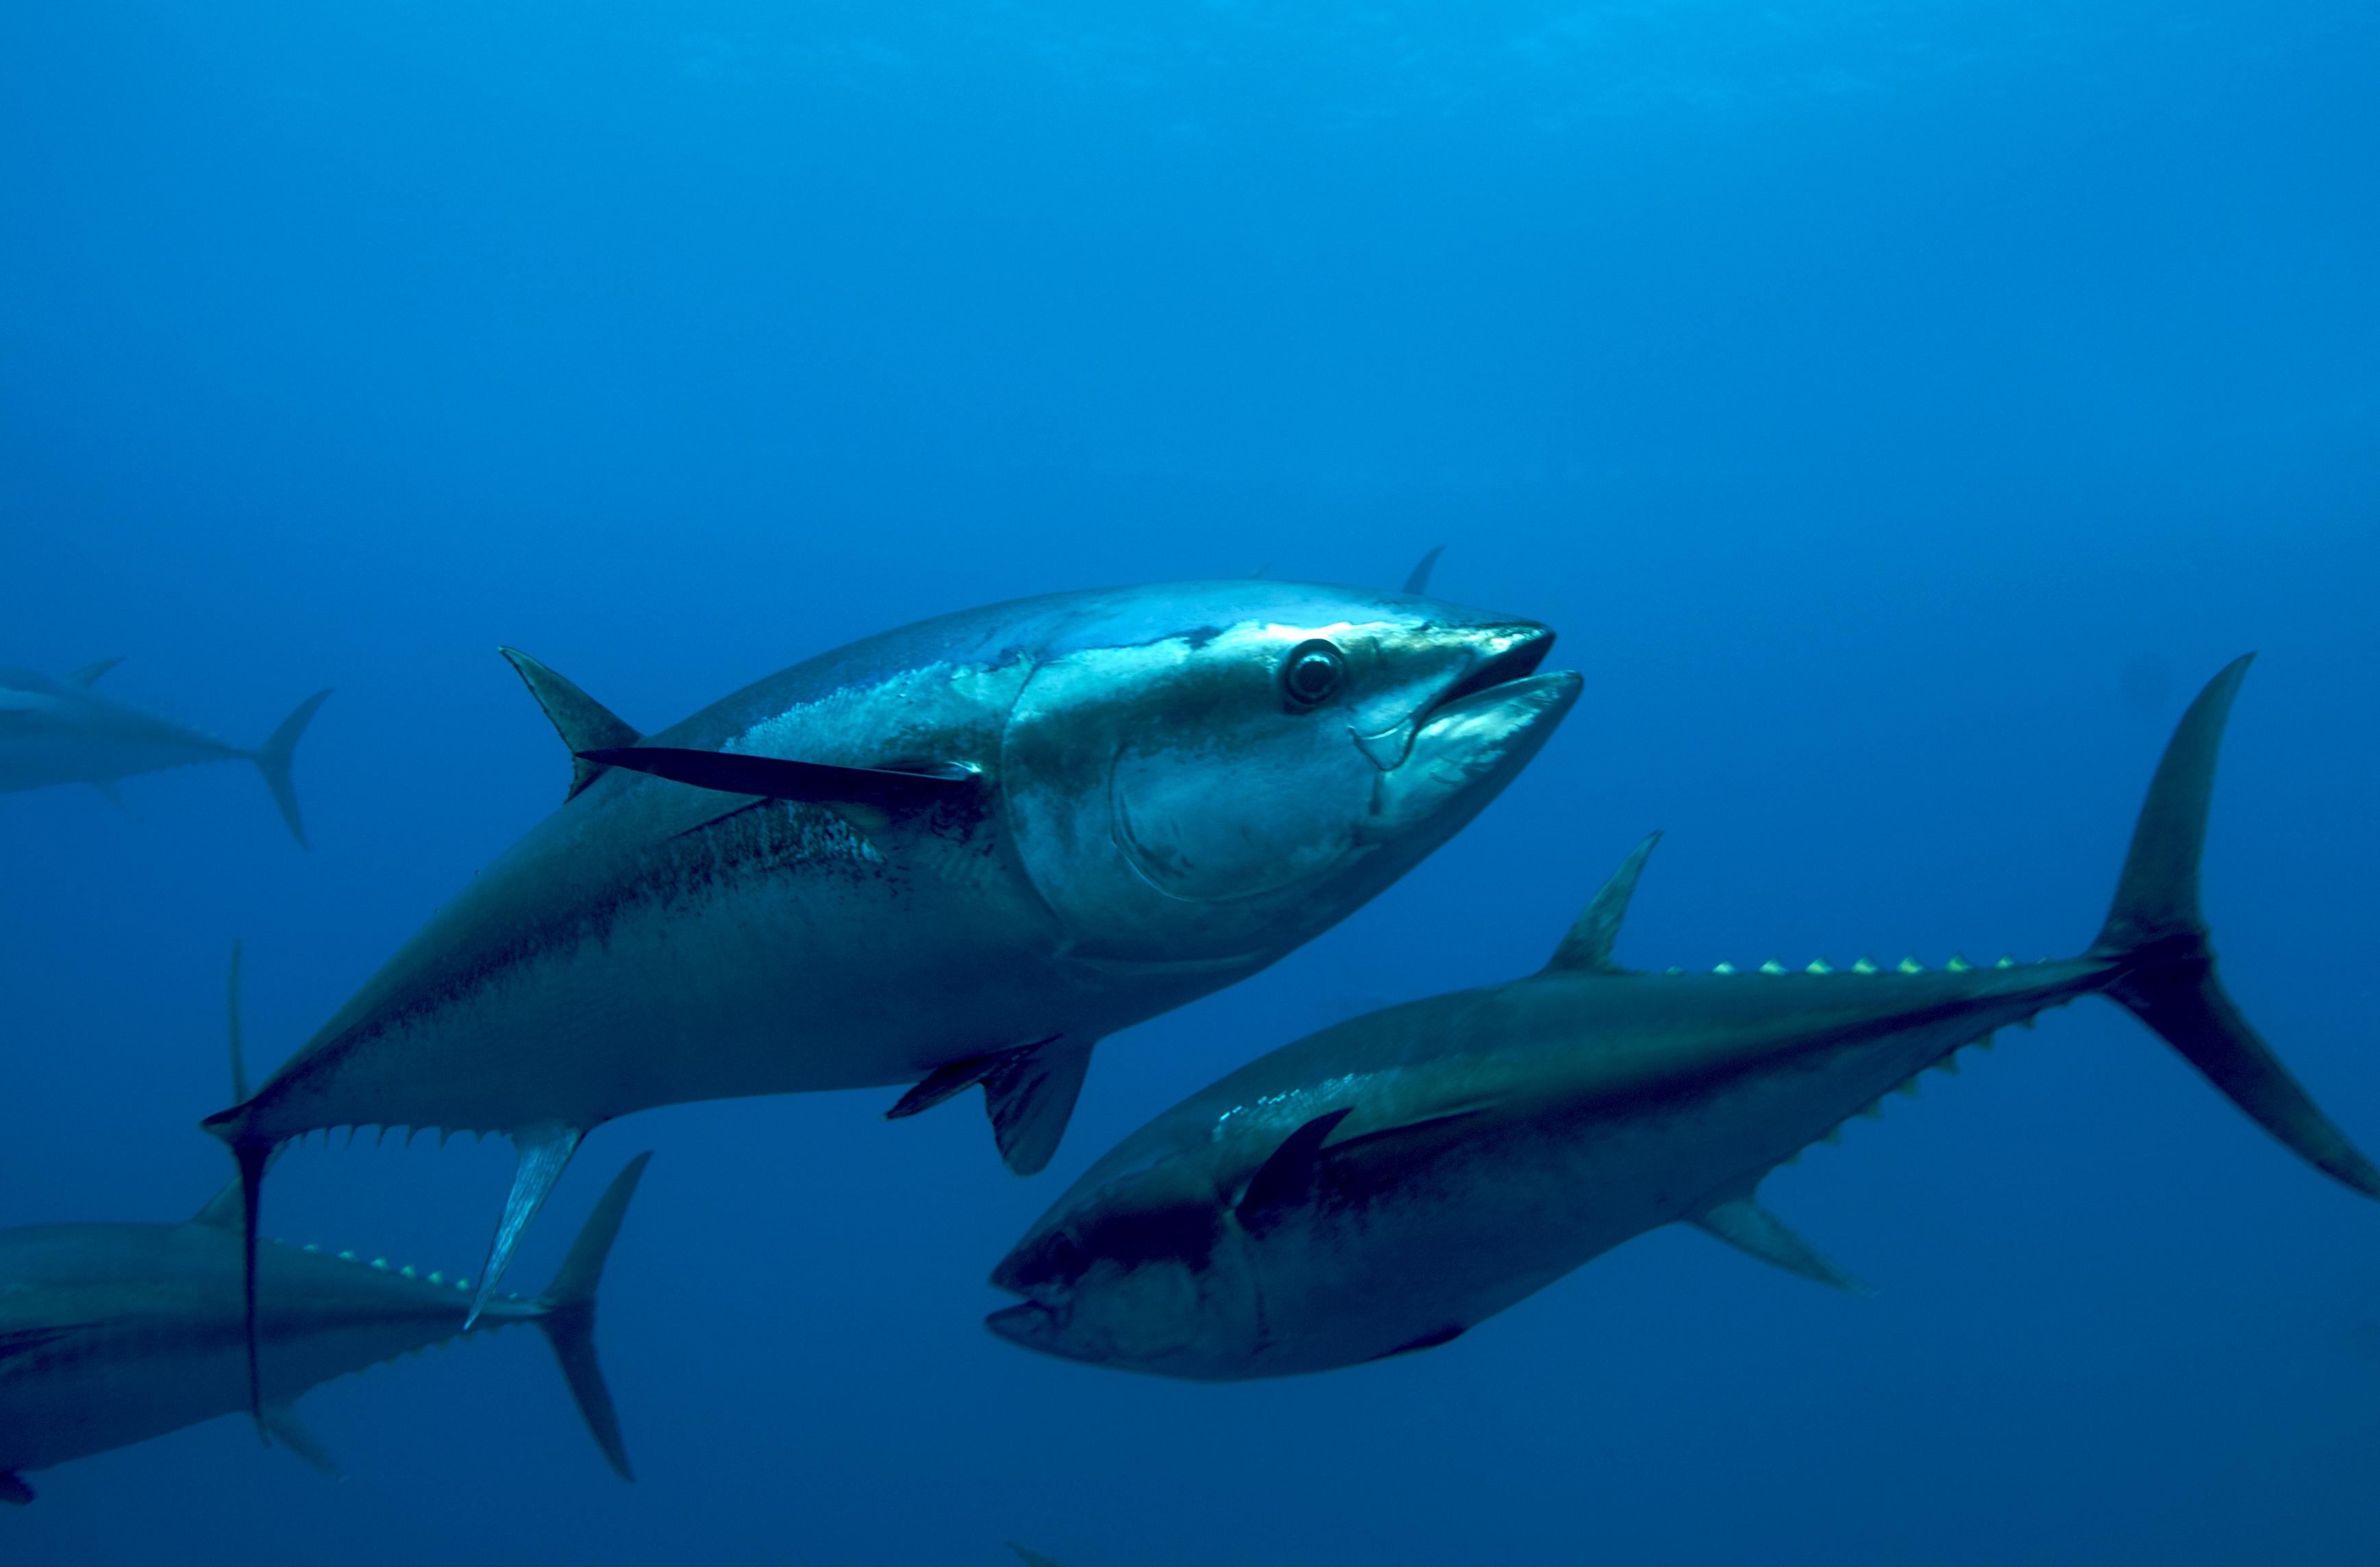 fish4u társkereső randevú keresés newcastle